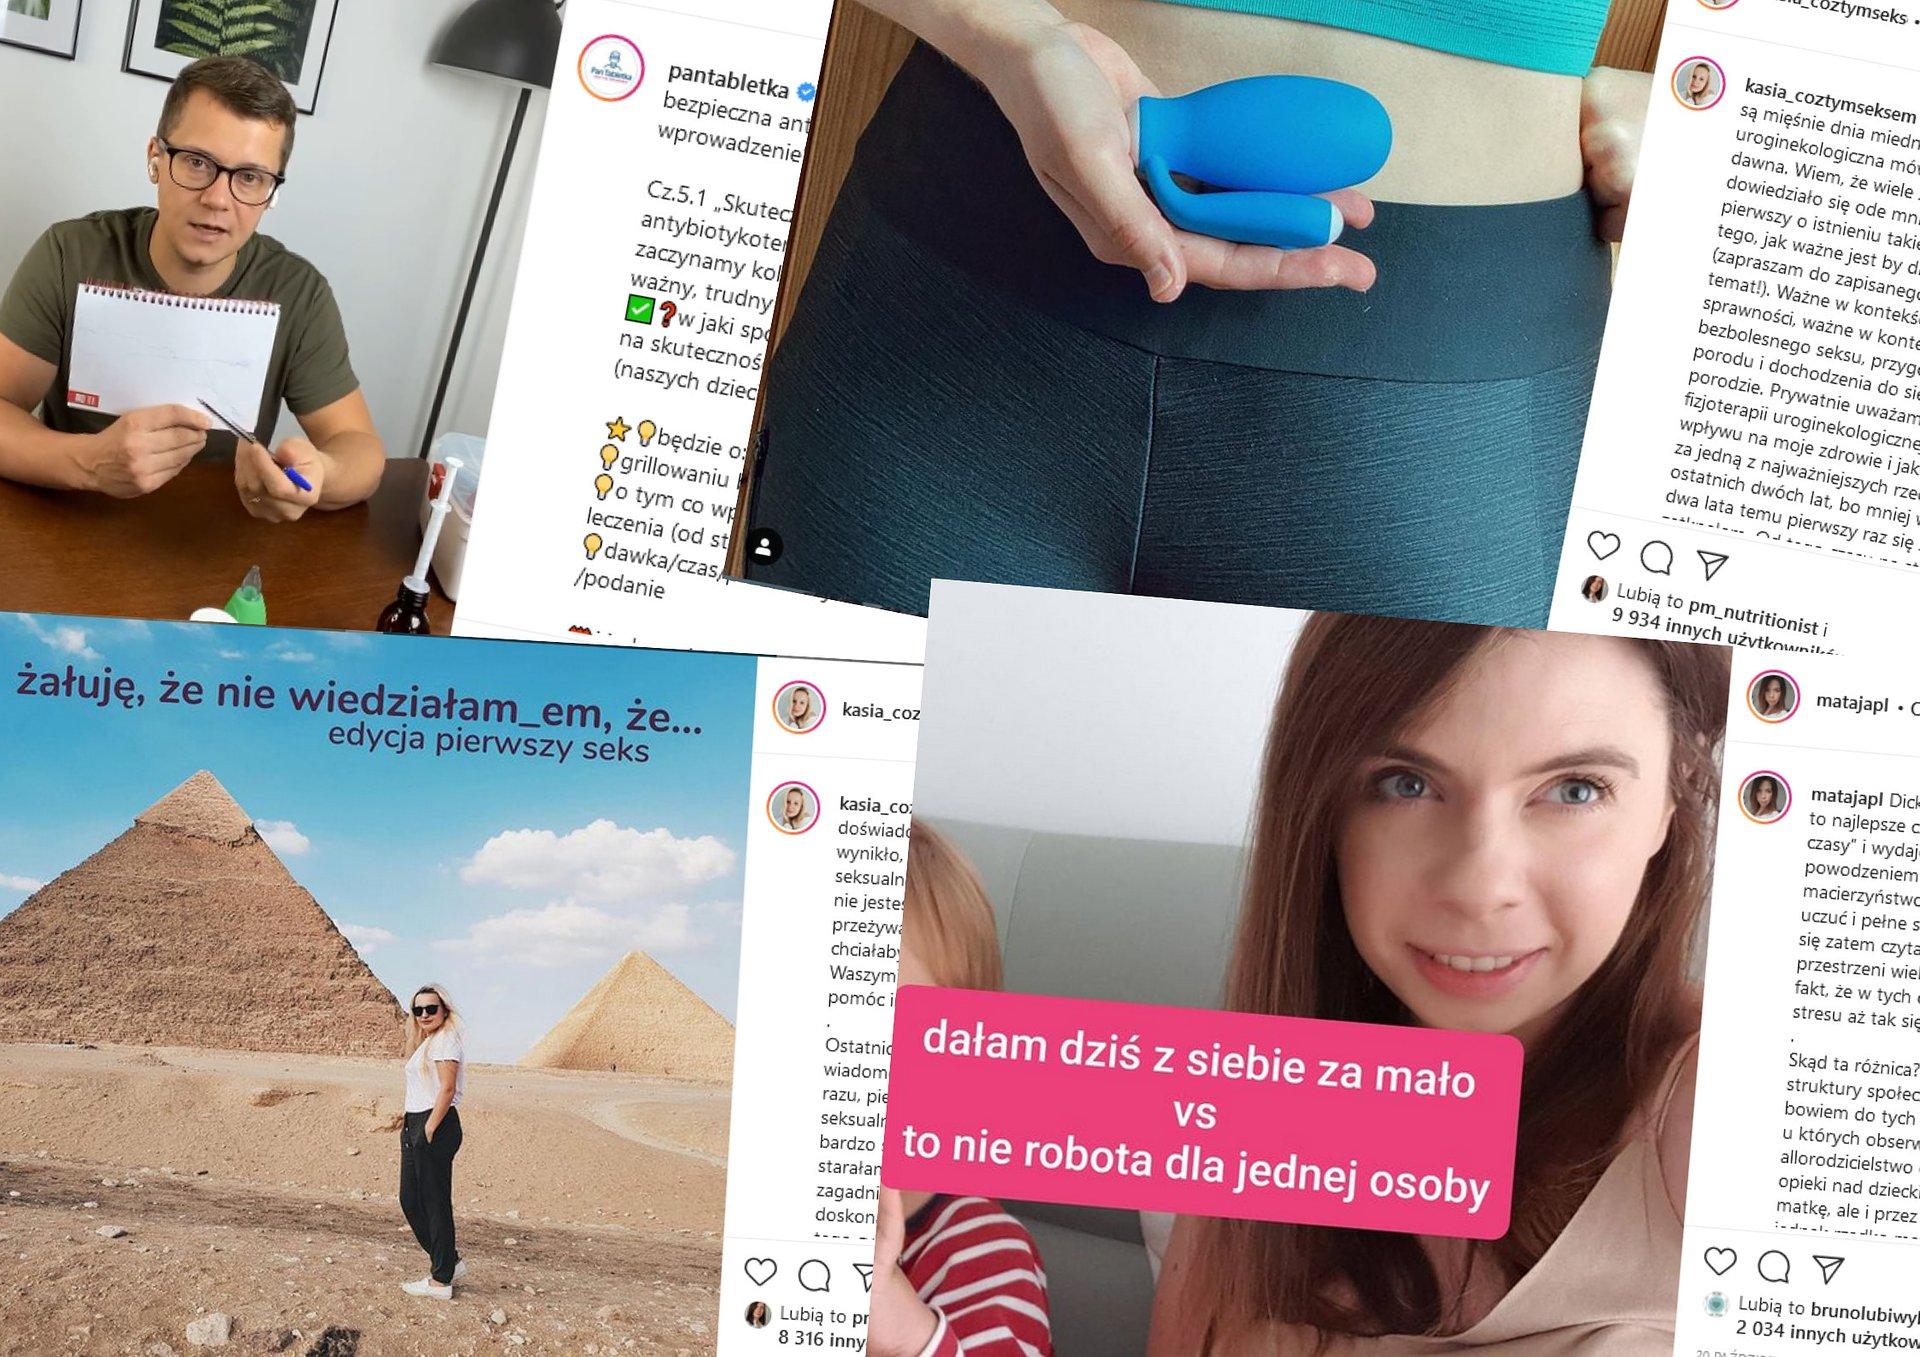 Zdrowie z Instagrama. Co robią influencerzy, żebyśmy czuli się zdrowsi i szczęśliwsi?